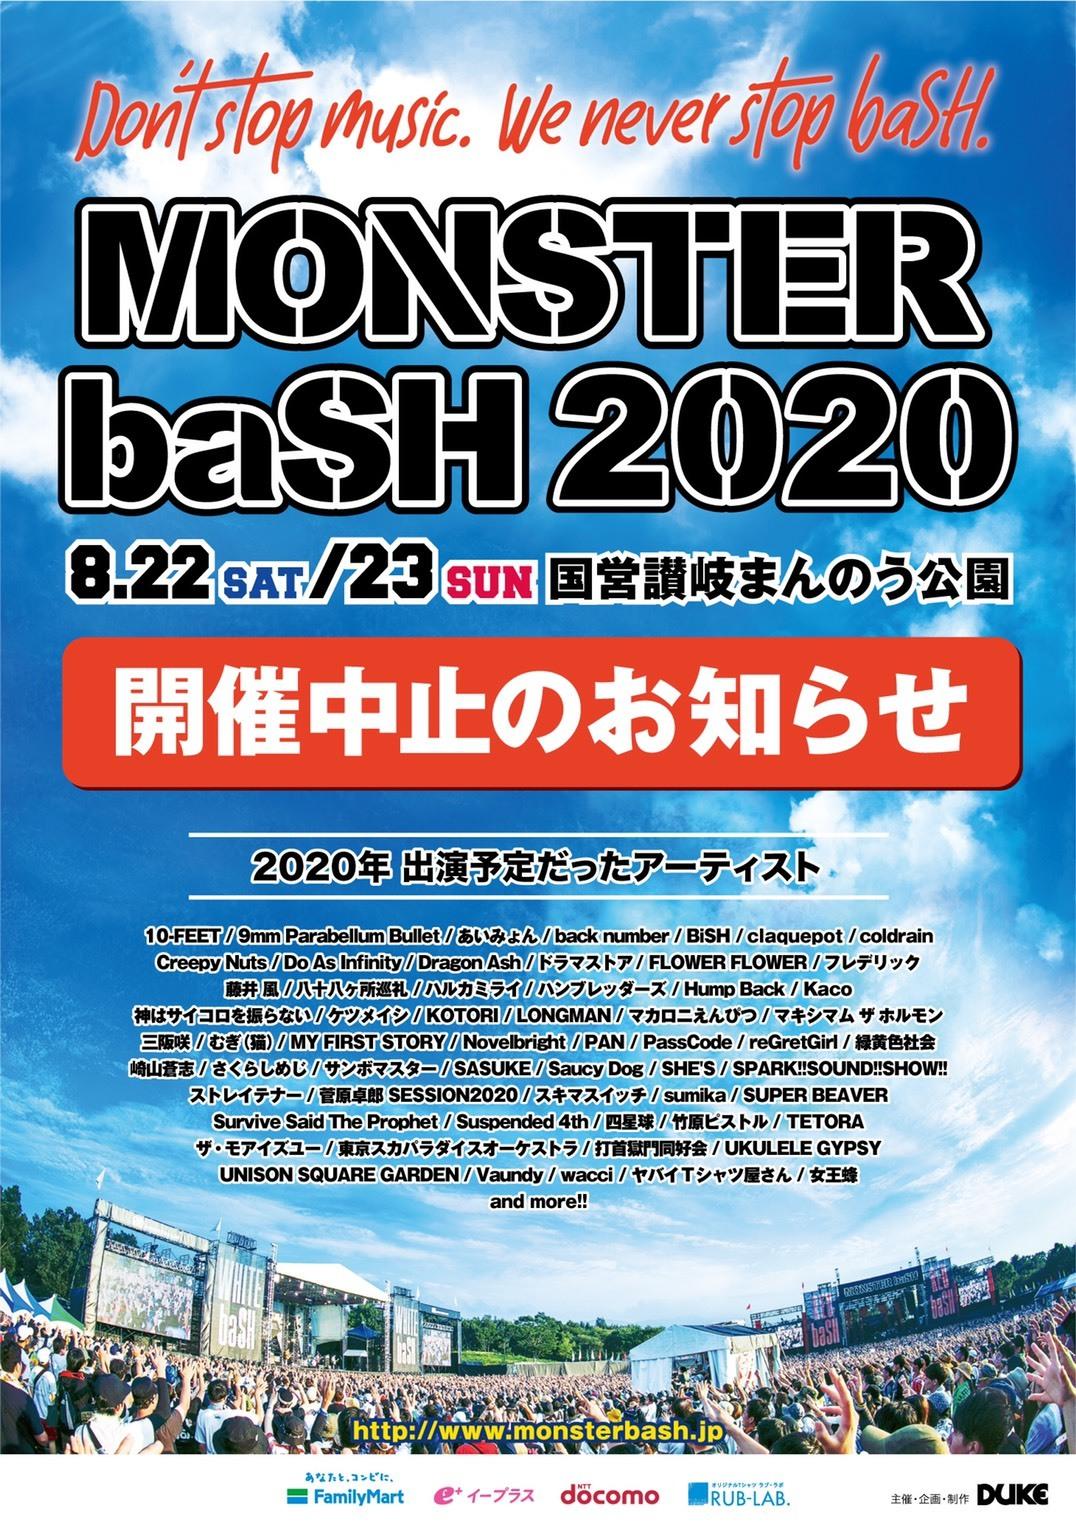 MONSTER baSH 2020